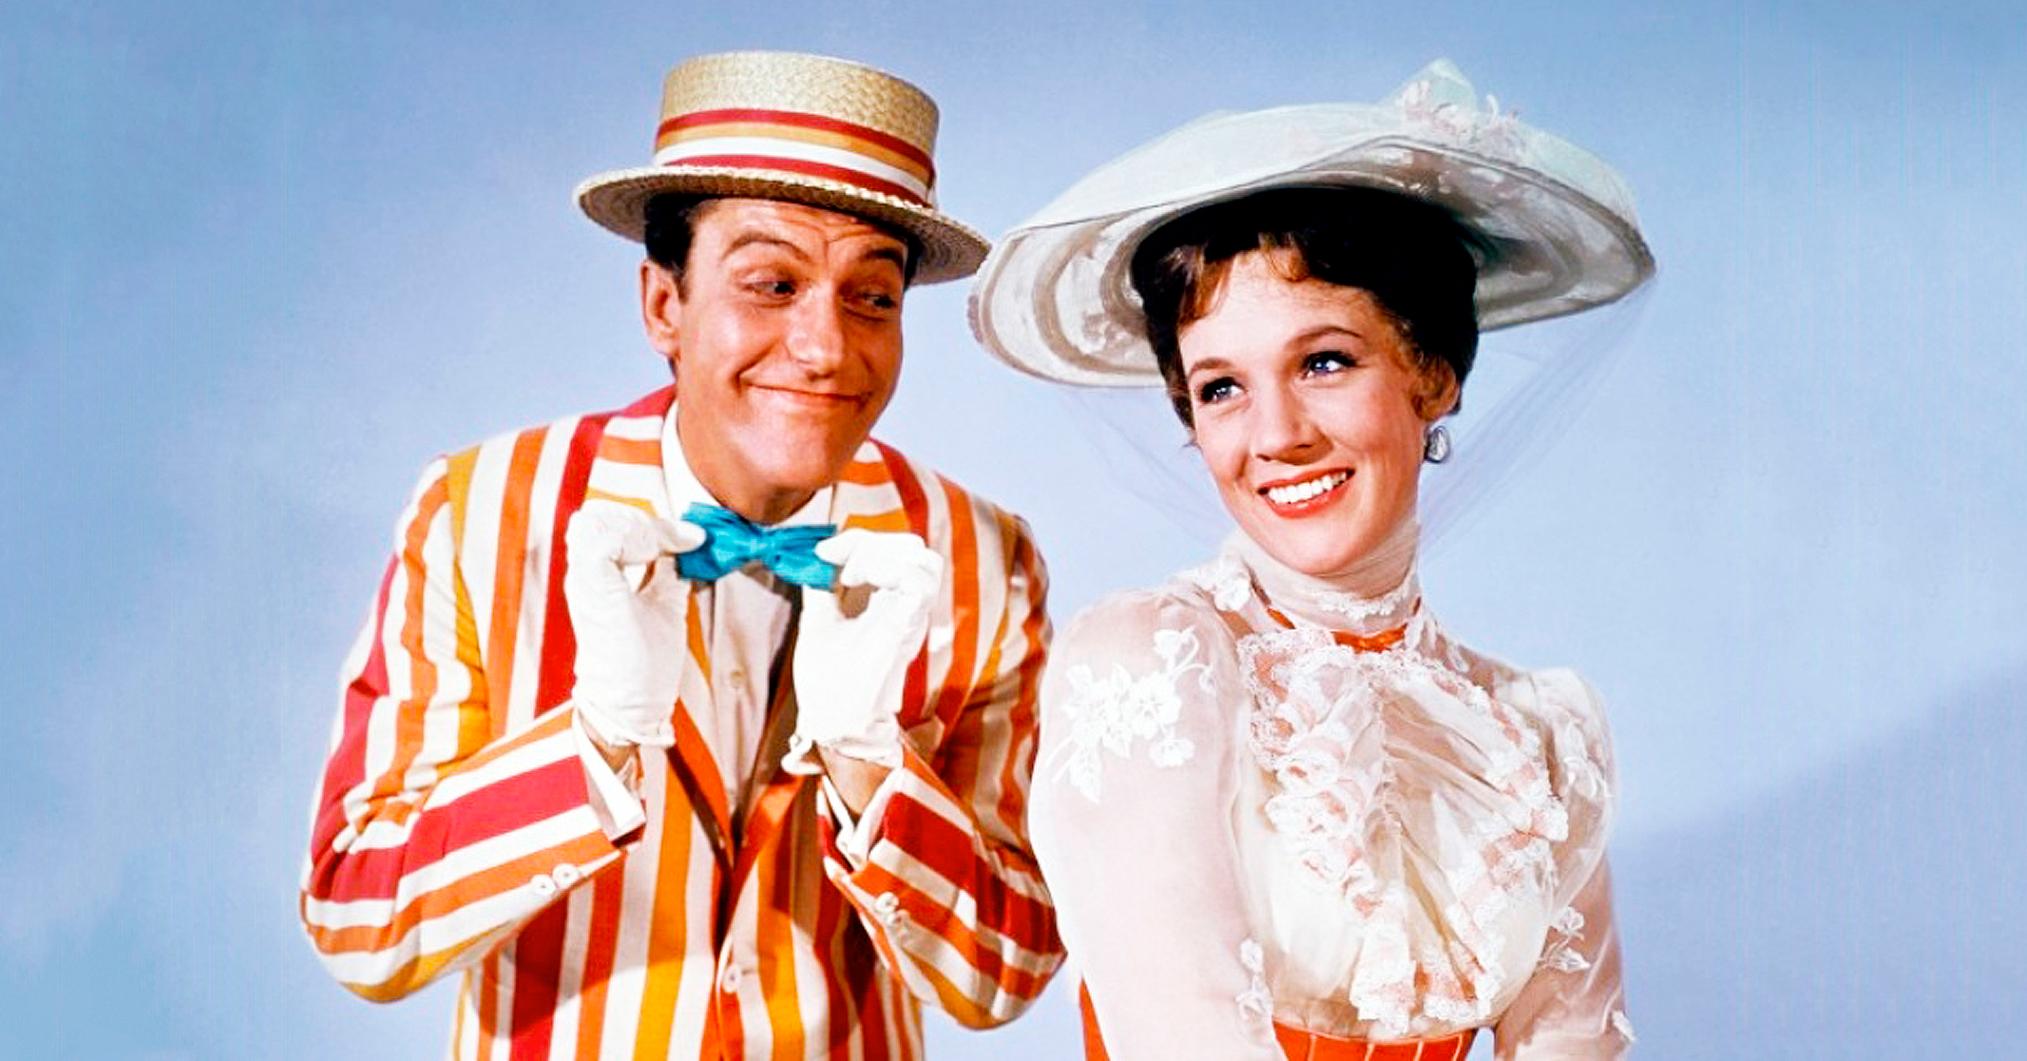 mary poppins películas de fantasía